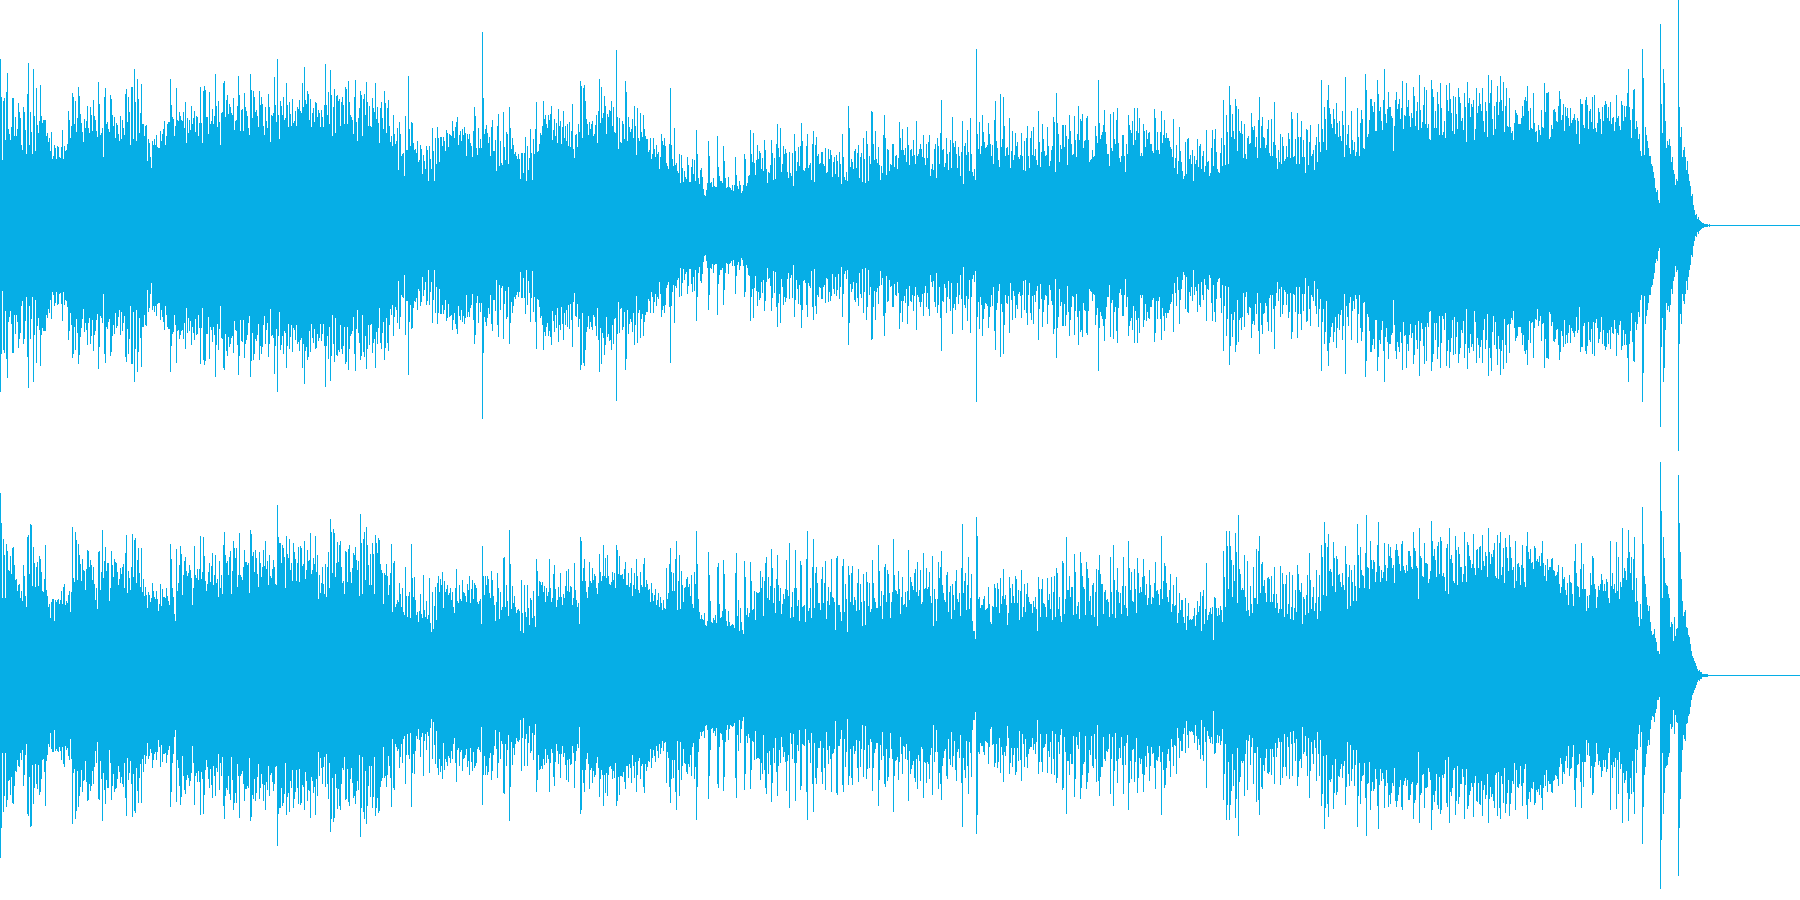 ラフマニノフ シンフォニックダンスよりの再生済みの波形